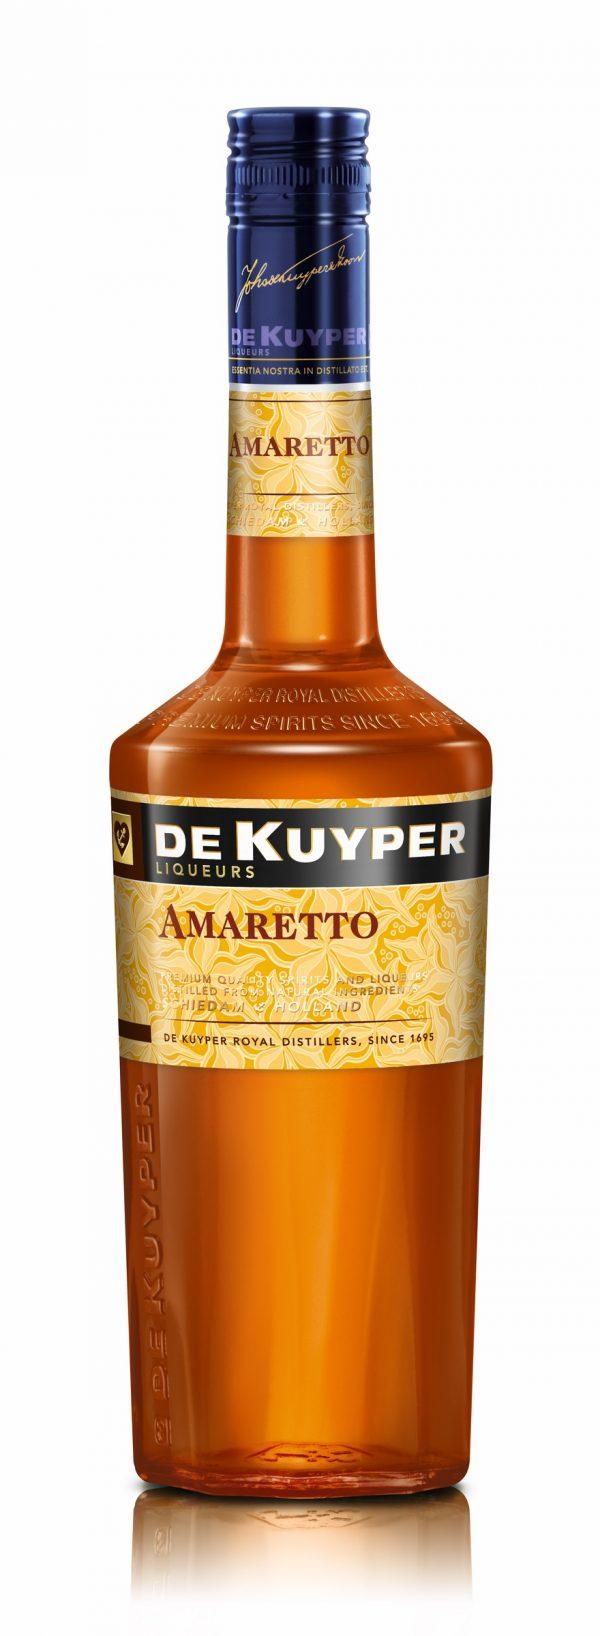 FLES DE KUYPER AMARETTO 0.50 LTR-0